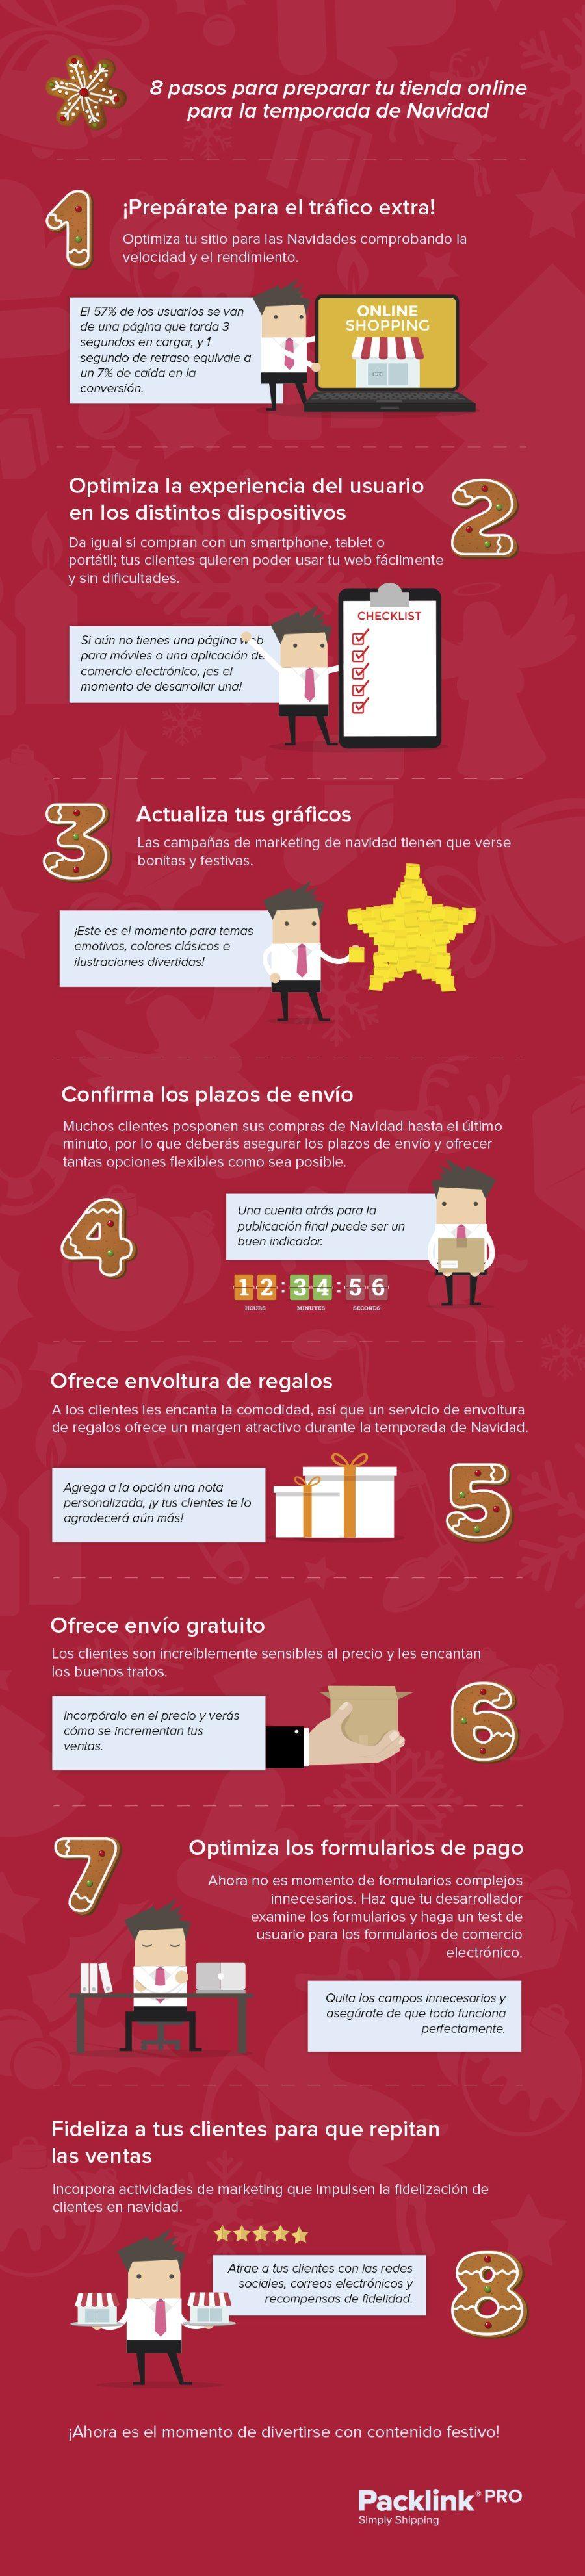 navidad_tienda_online